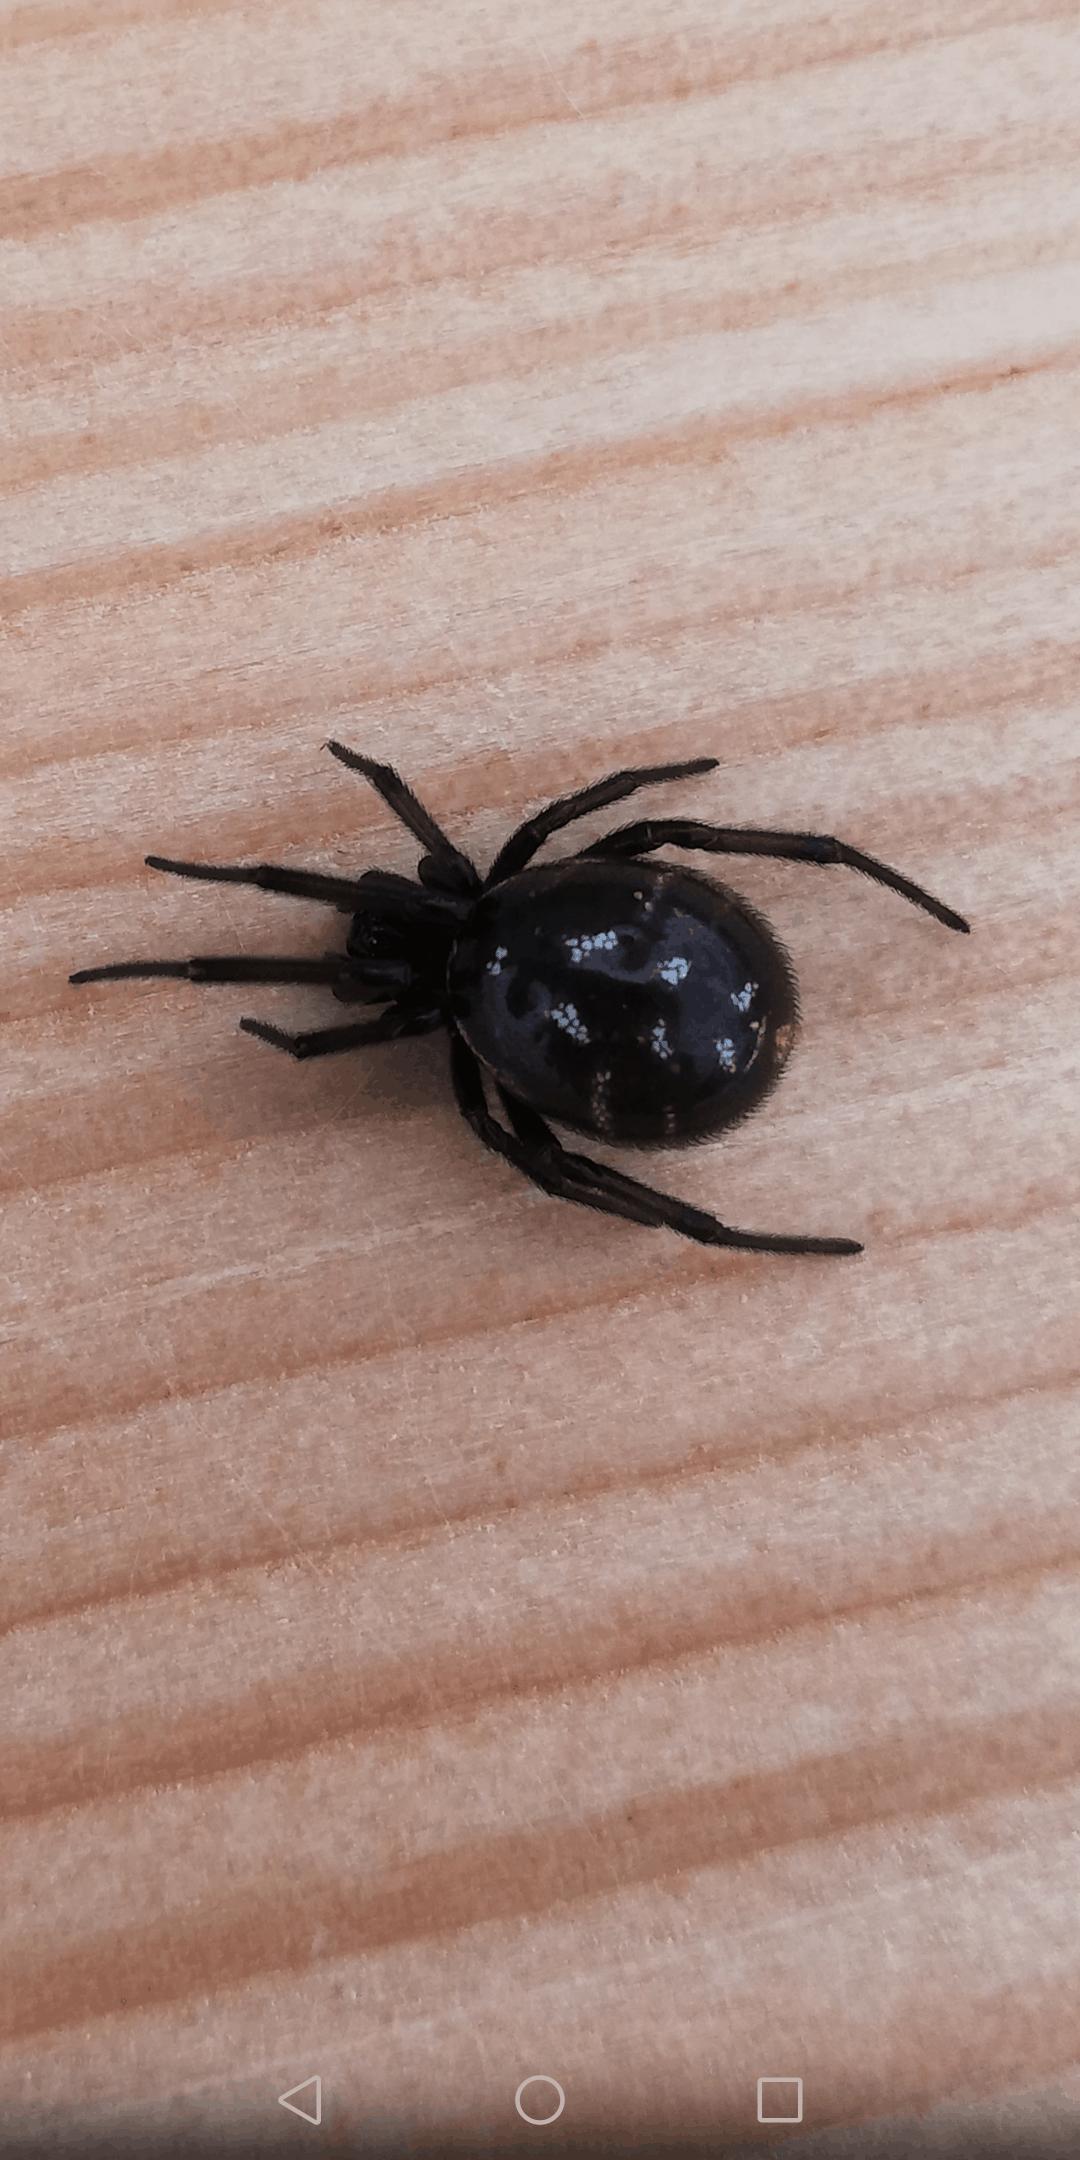 Picture of Steatoda capensis (False Katipo Spider) - Dorsal